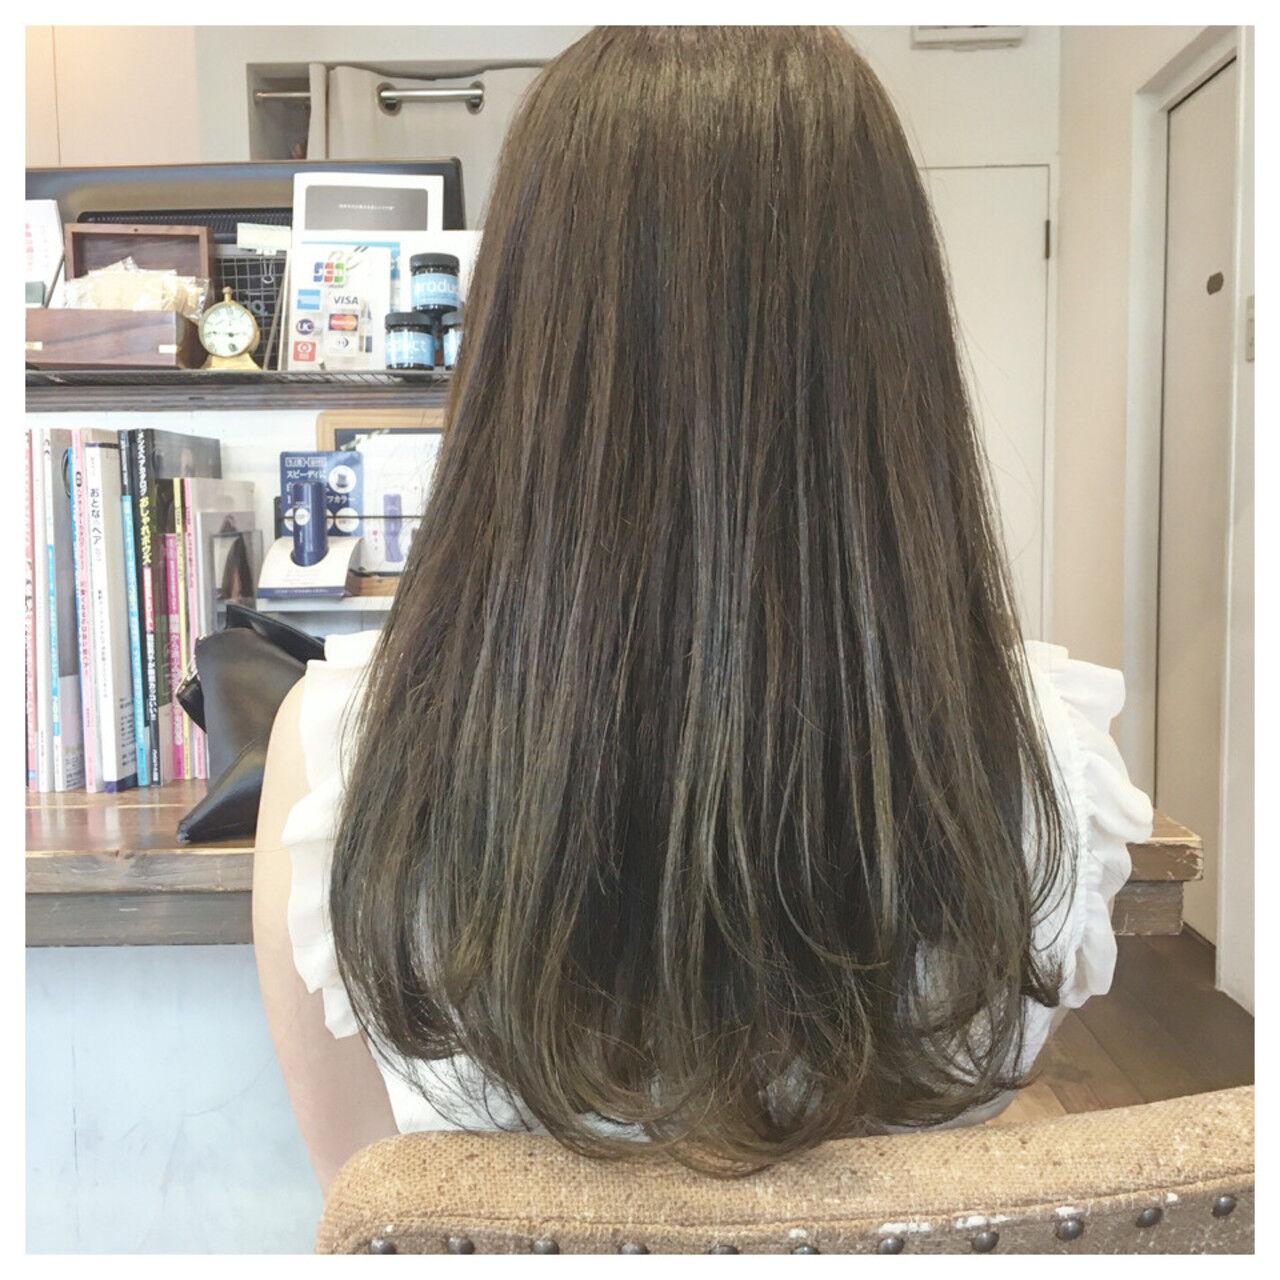 ストリート アッシュ グレージュ ロングヘアスタイルや髪型の写真・画像